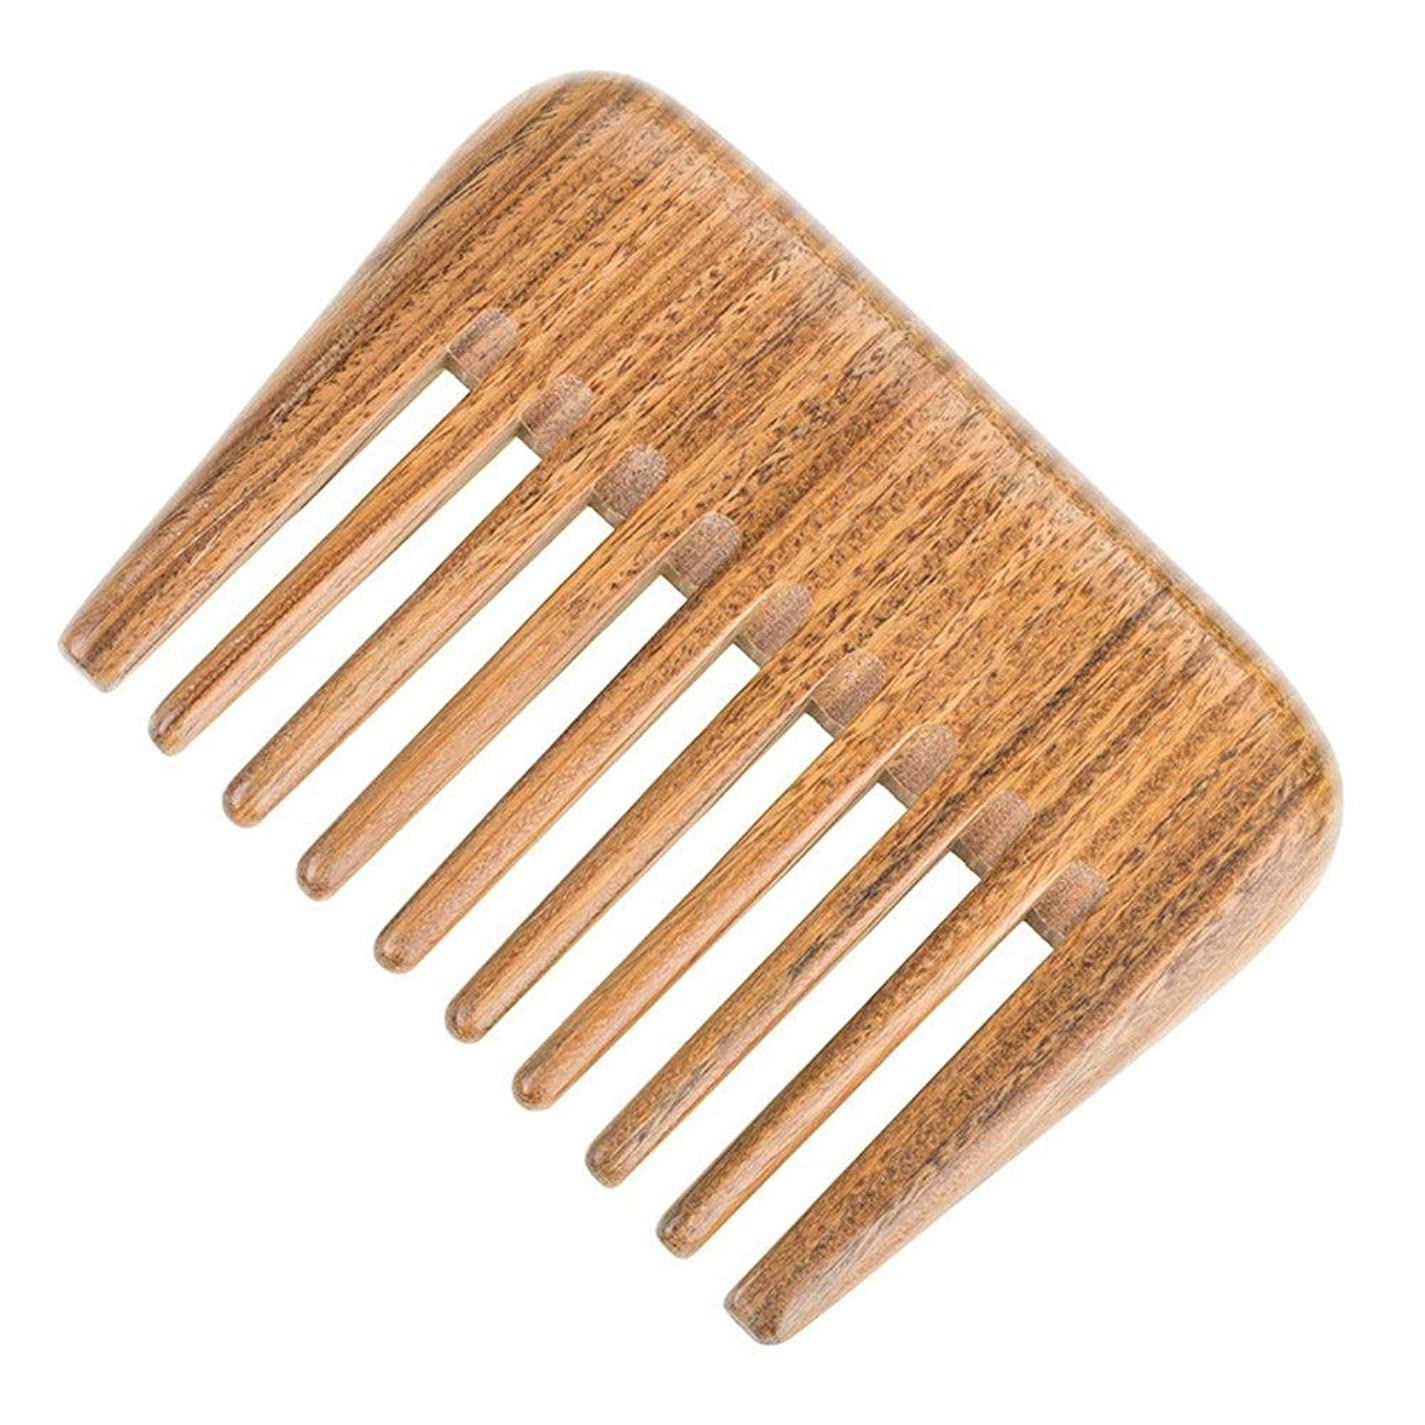 マキシム韓国用量Guomao 巻き毛のもつれを解くためのナチュラルグリーンビャクダンの毛の櫛の木製の櫛(広い歯) (Size : 10*7.5 cm)